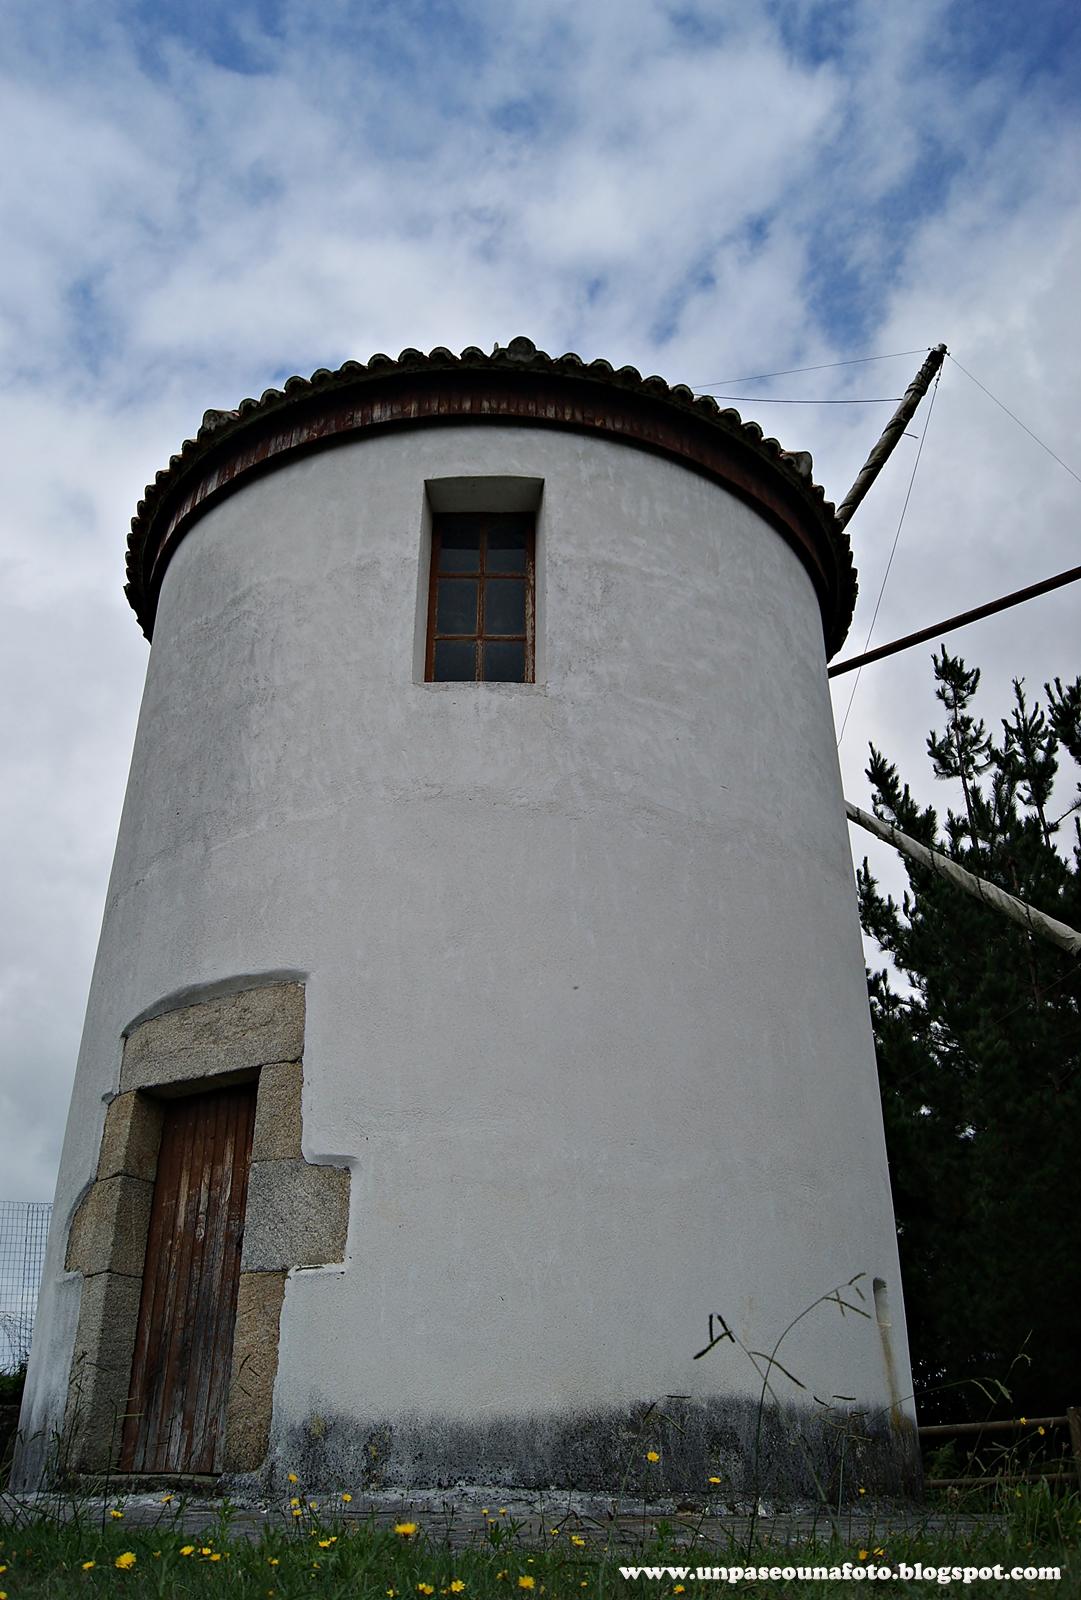 Un paseo una foto molino de viento de boucelo mi o a for Piscina molino de viento y sombrilla